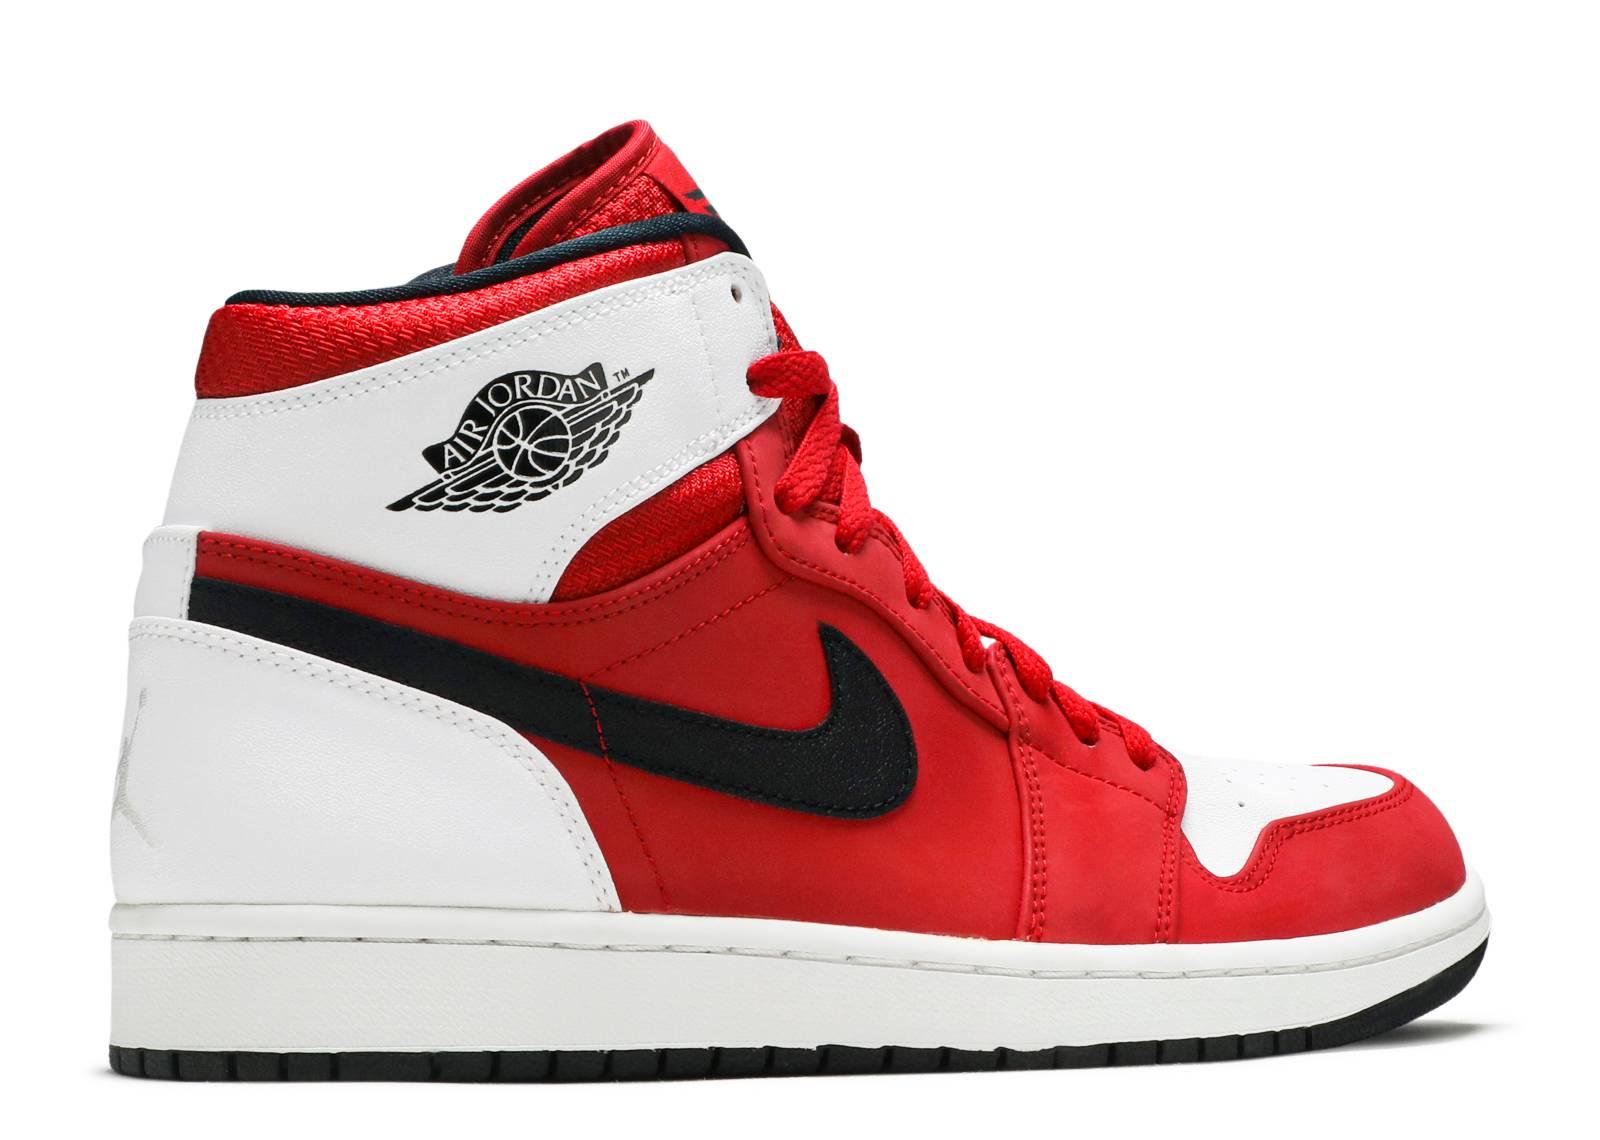 40504ae735a Air Jordan 1 Retro High